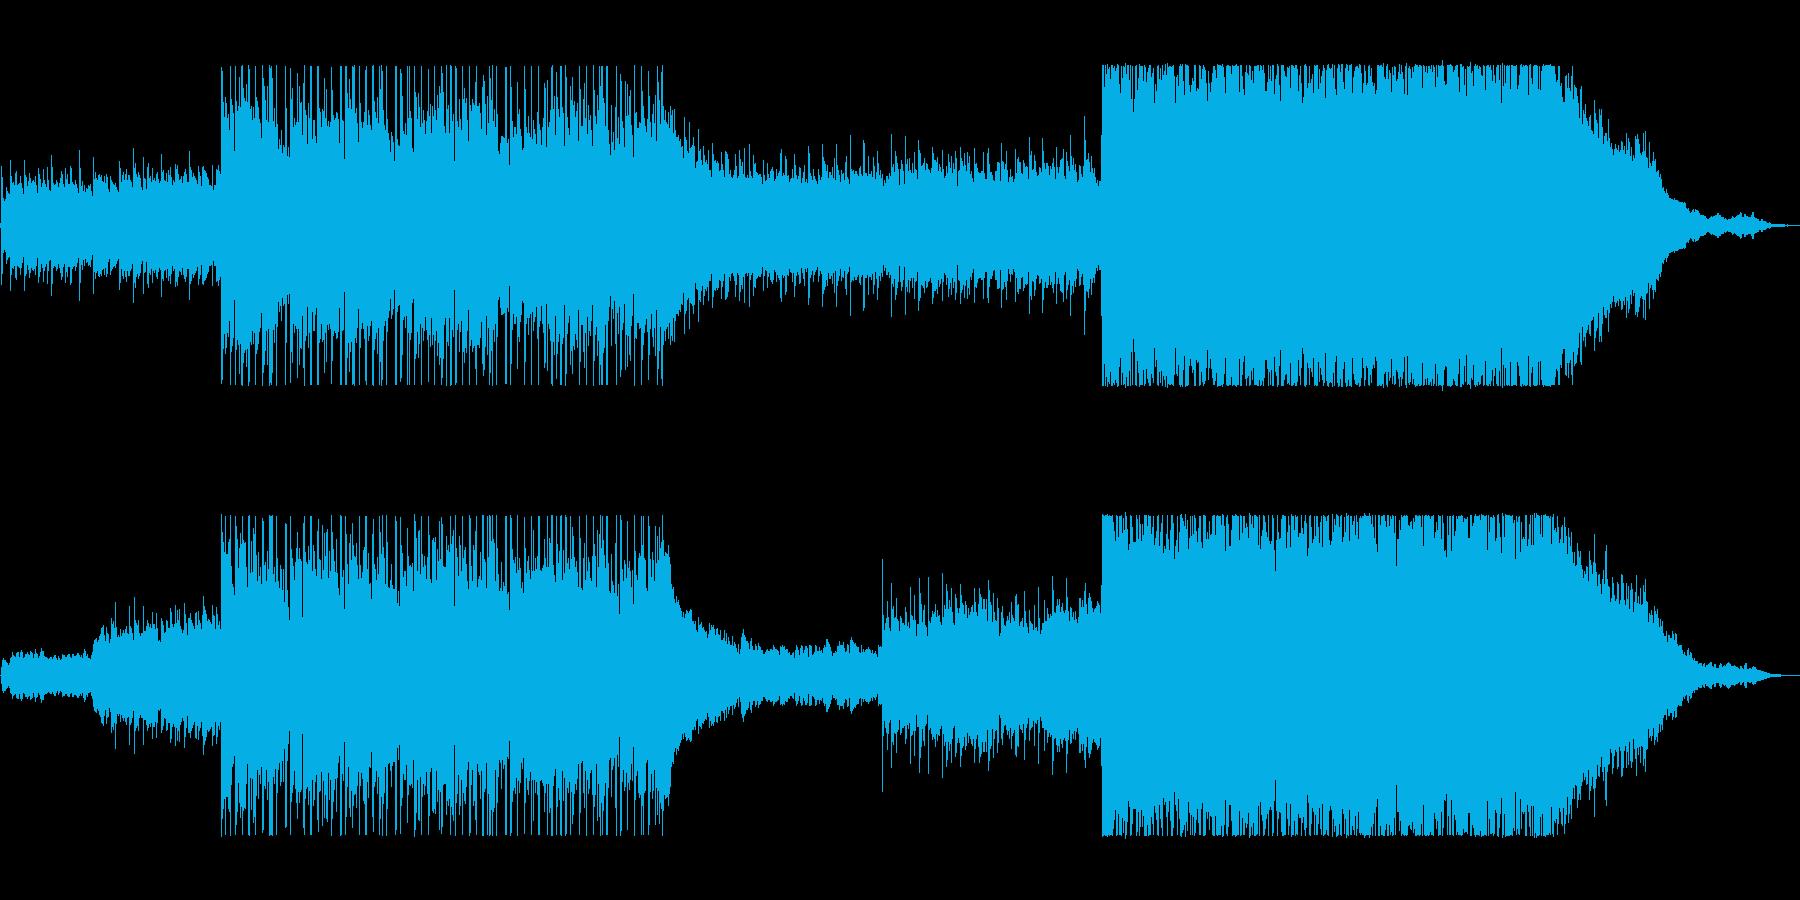 繊細で感傷的なバンドサウンドの再生済みの波形